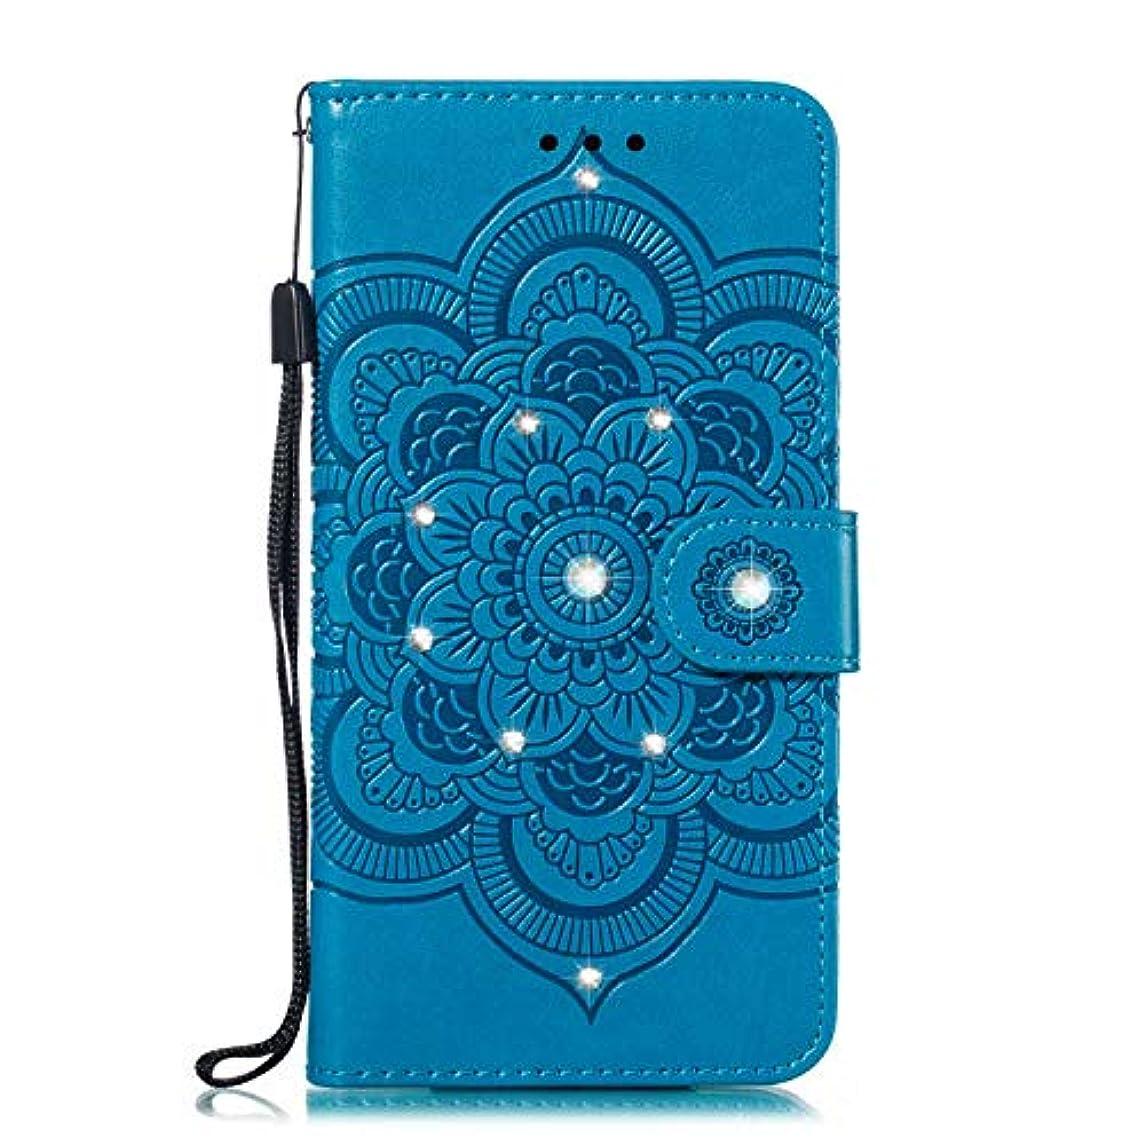 オン作者勢いCUNUS 高品質 合皮レザー ケース Huawei Honor 10 用, 防塵 ケース, 軽量 スタンド機能 耐汚れ カード収納 カバー, ブルー